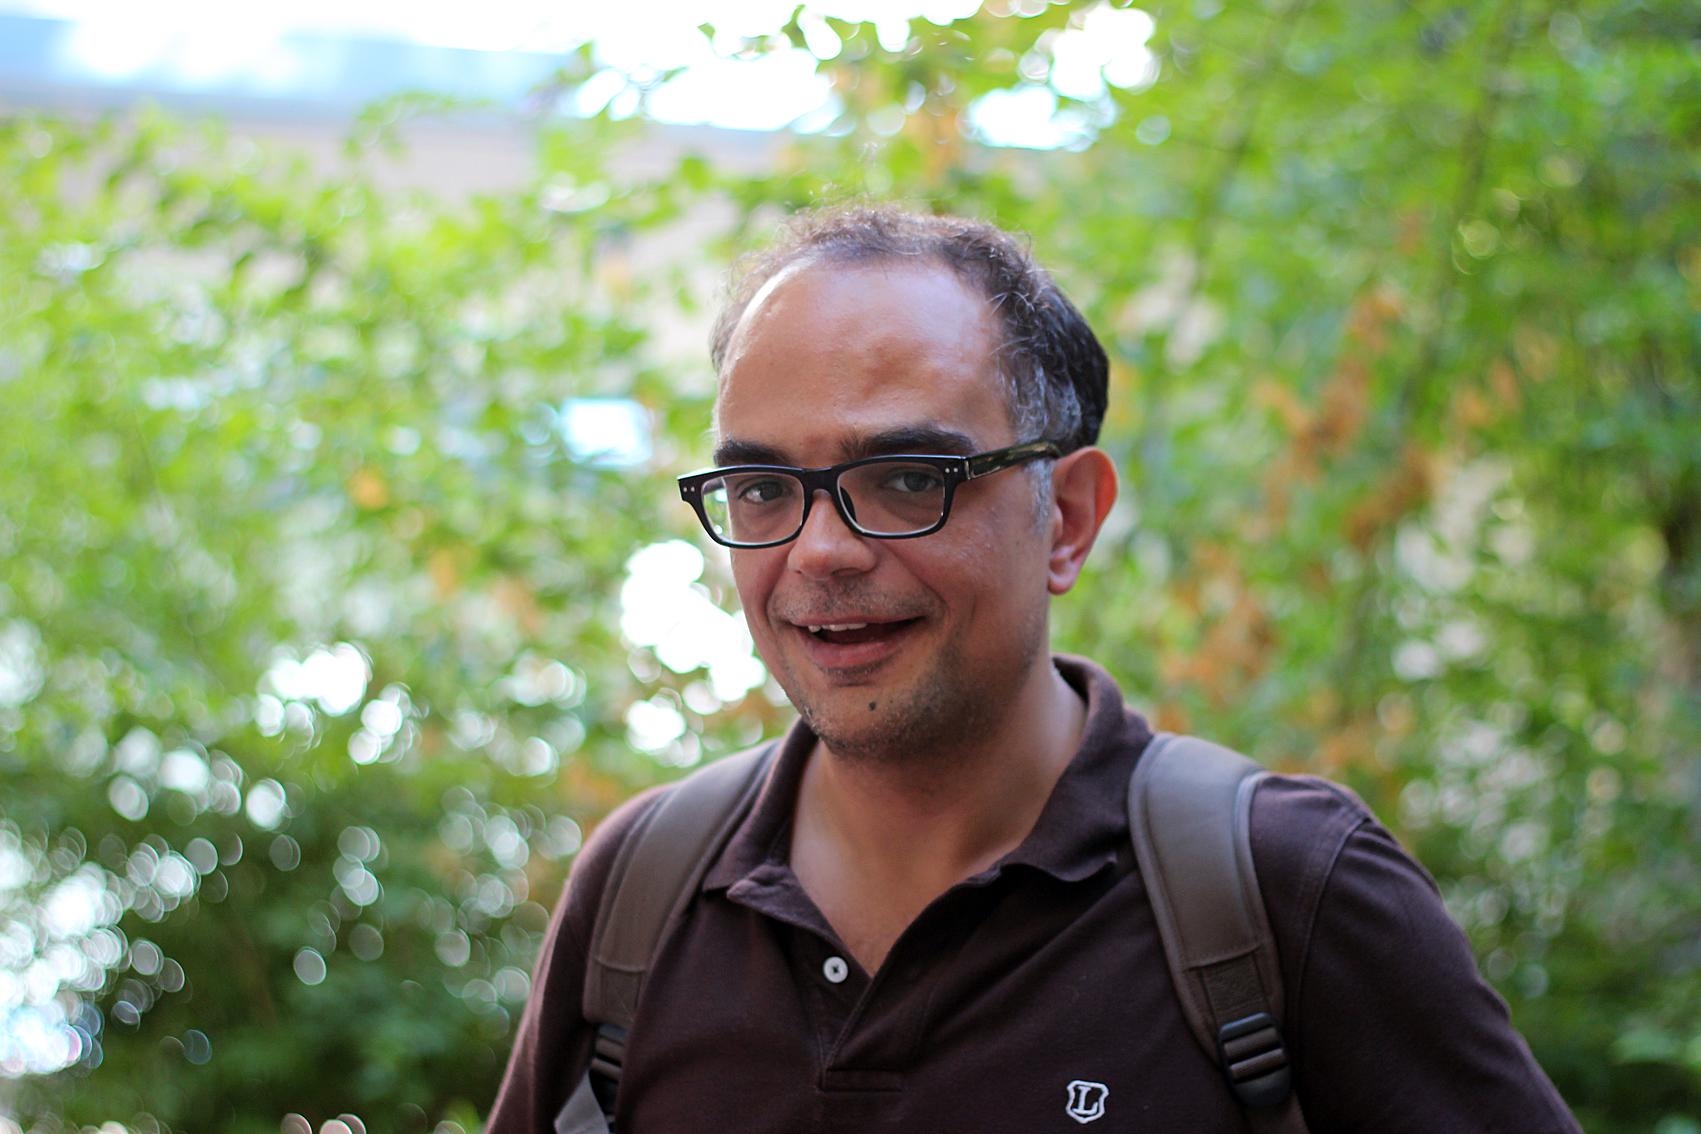 Δημήτρης Κουσουρής: Να τελειώνουμε με το σύστημα που γεννά το φασισμό